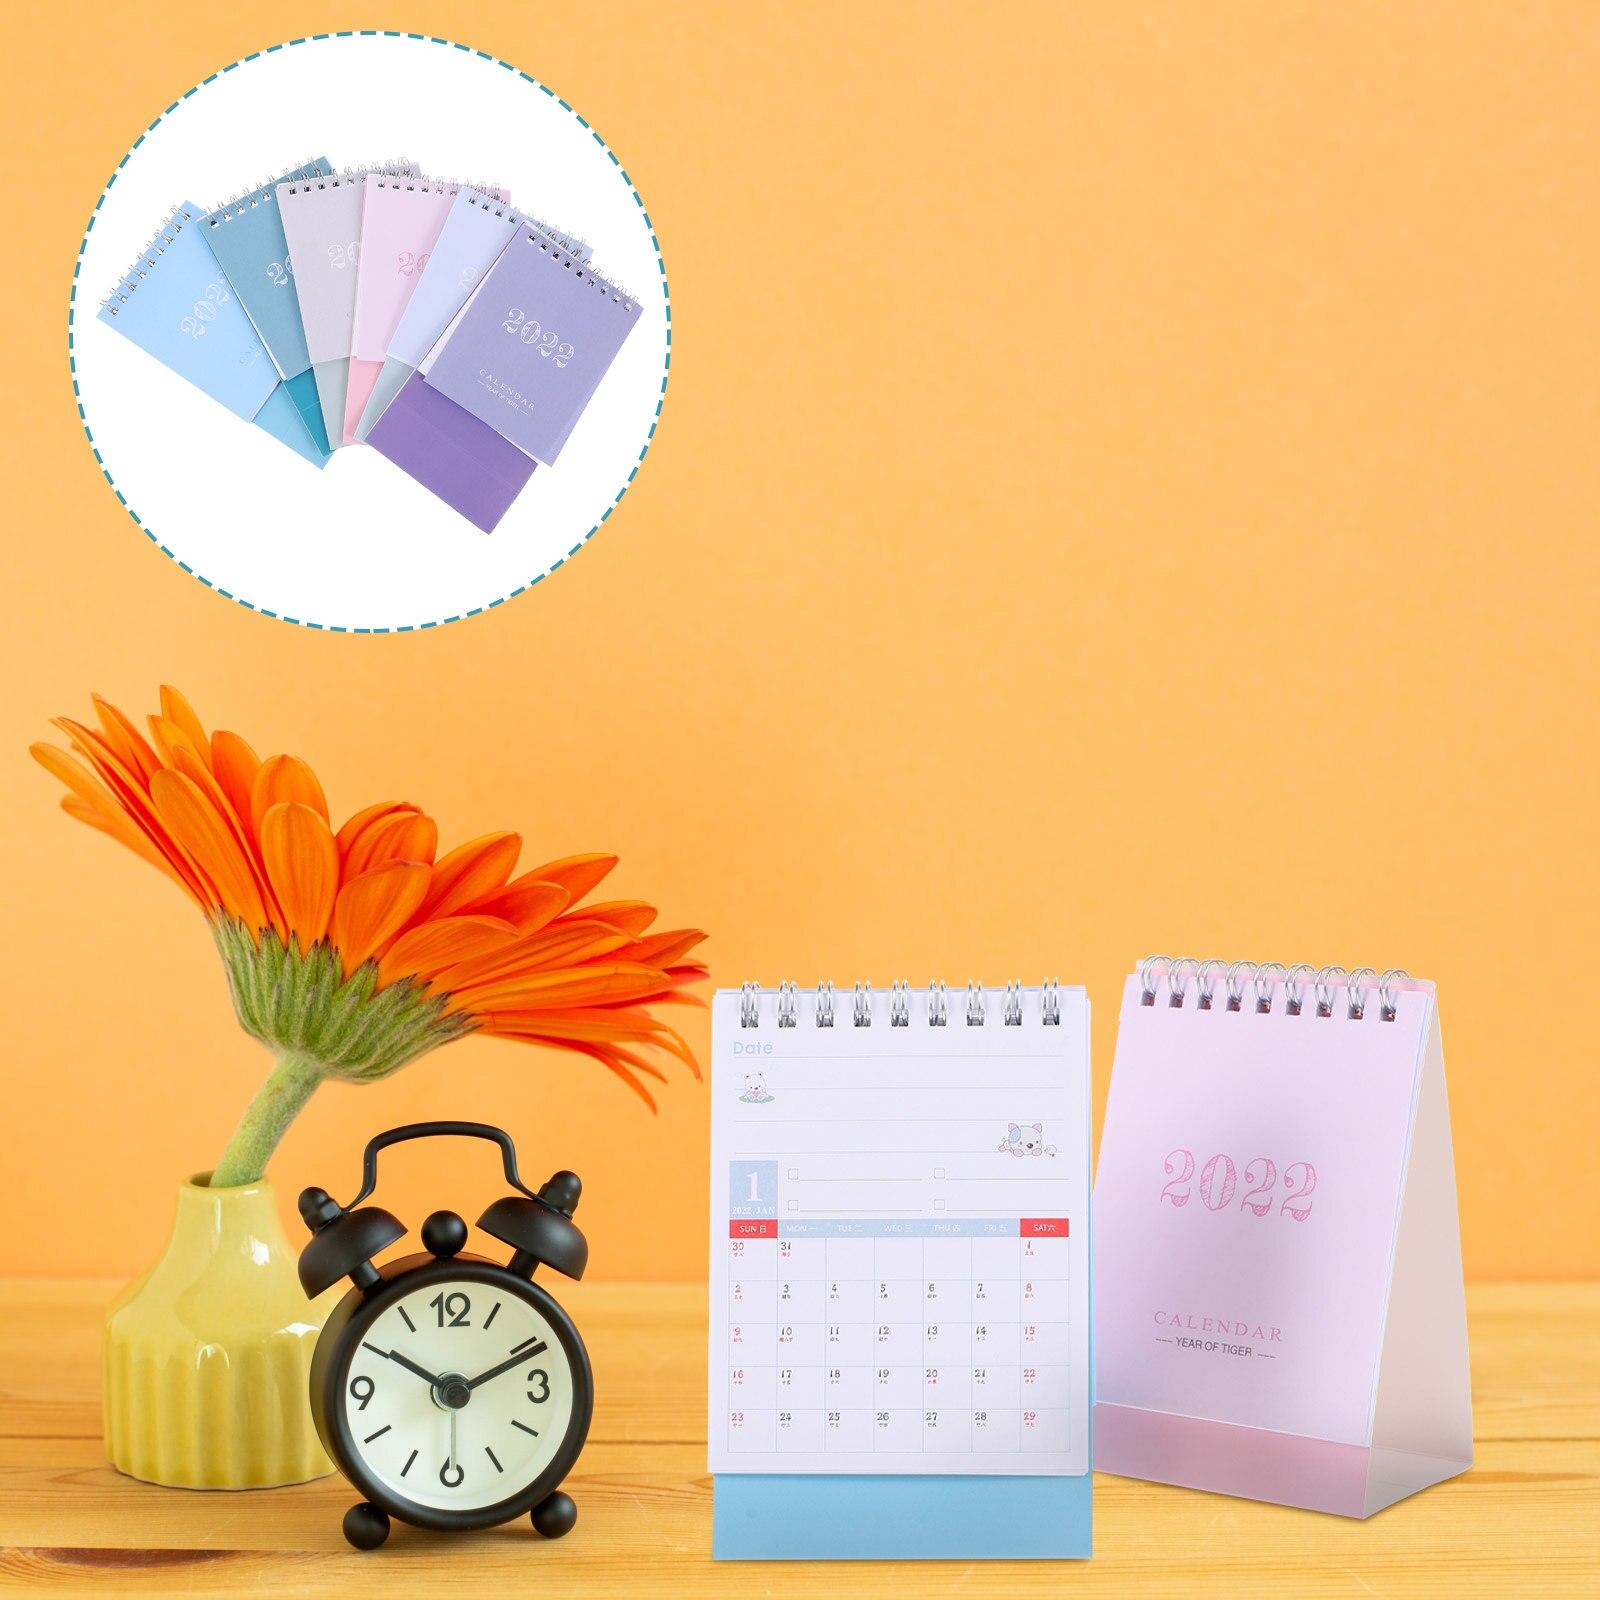 6 шт. бумажных календарей 2022, креативные бумажные настольные календари (разные цвета)